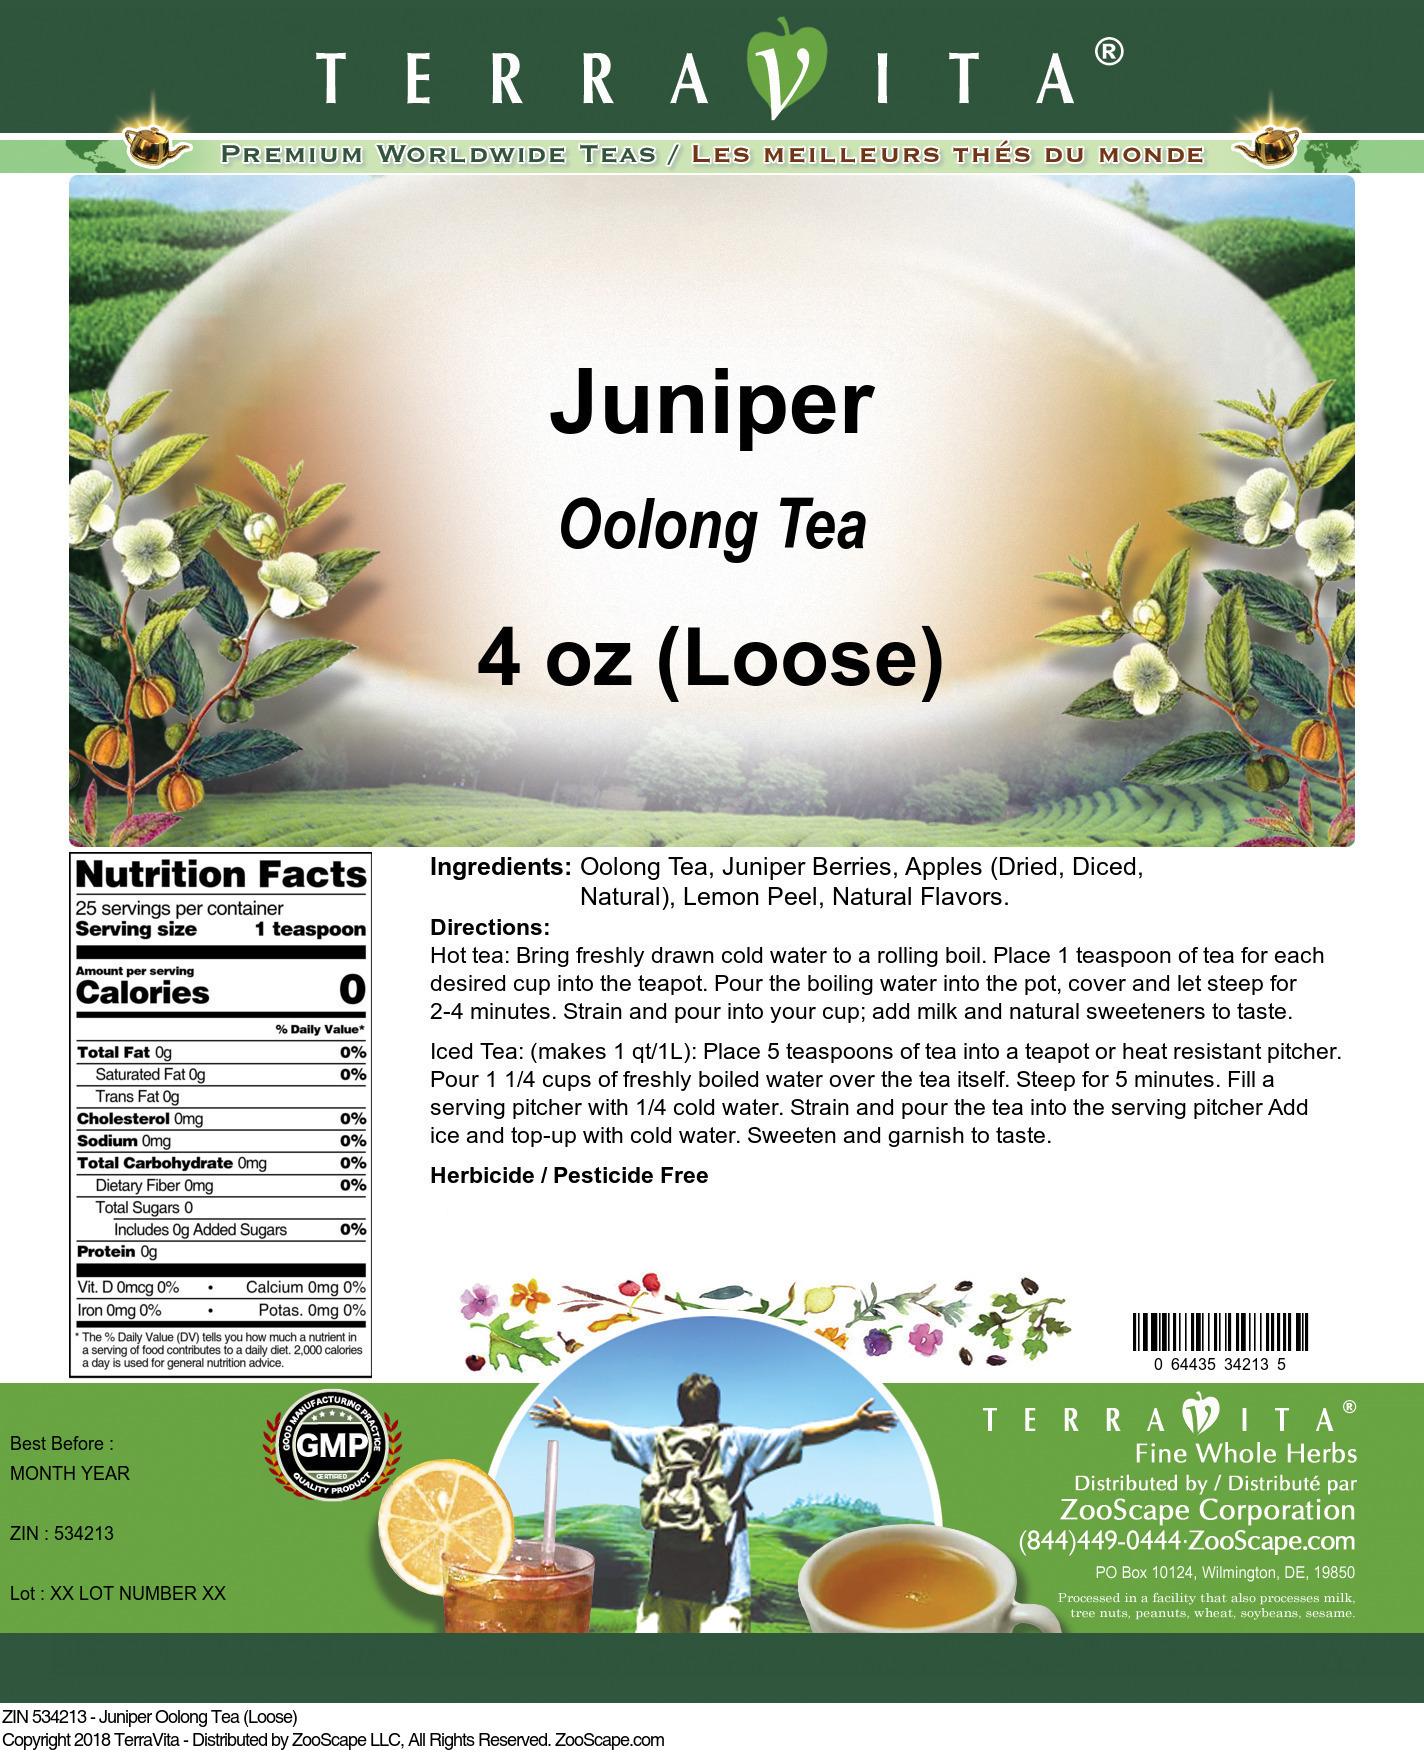 Juniper Oolong Tea (Loose)